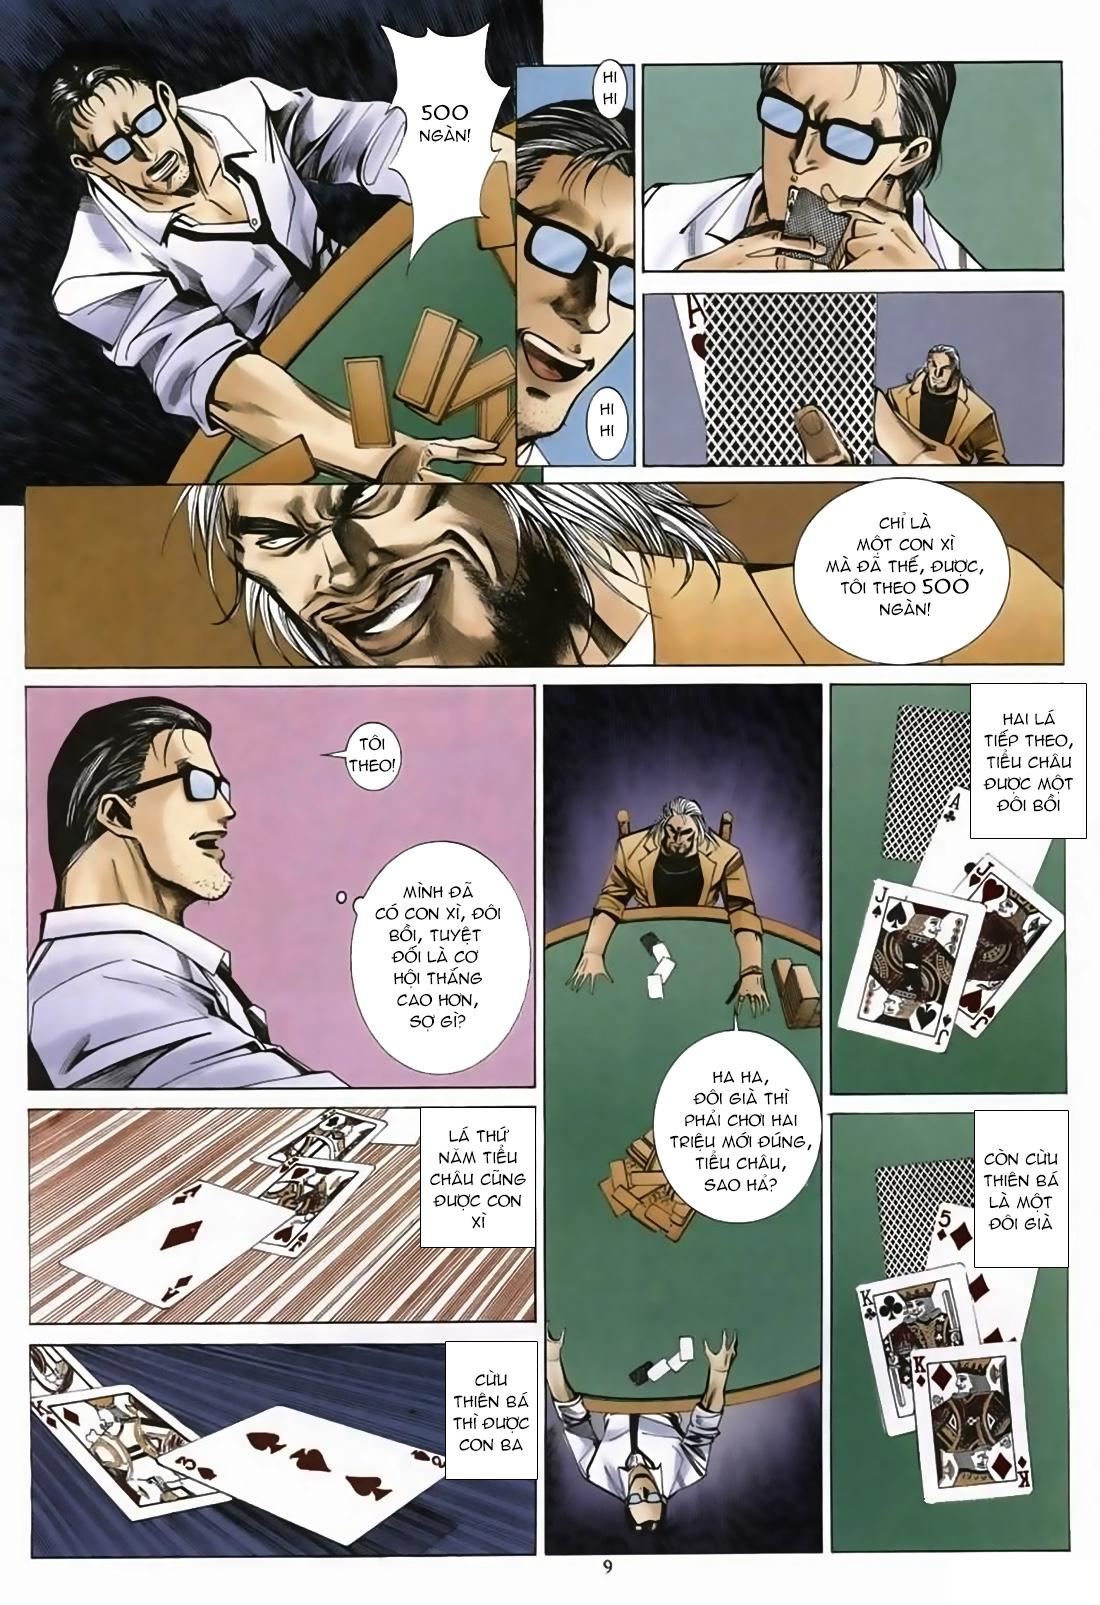 Đổ Hiệp Truyền Kỳ chap 1 - Trang 8